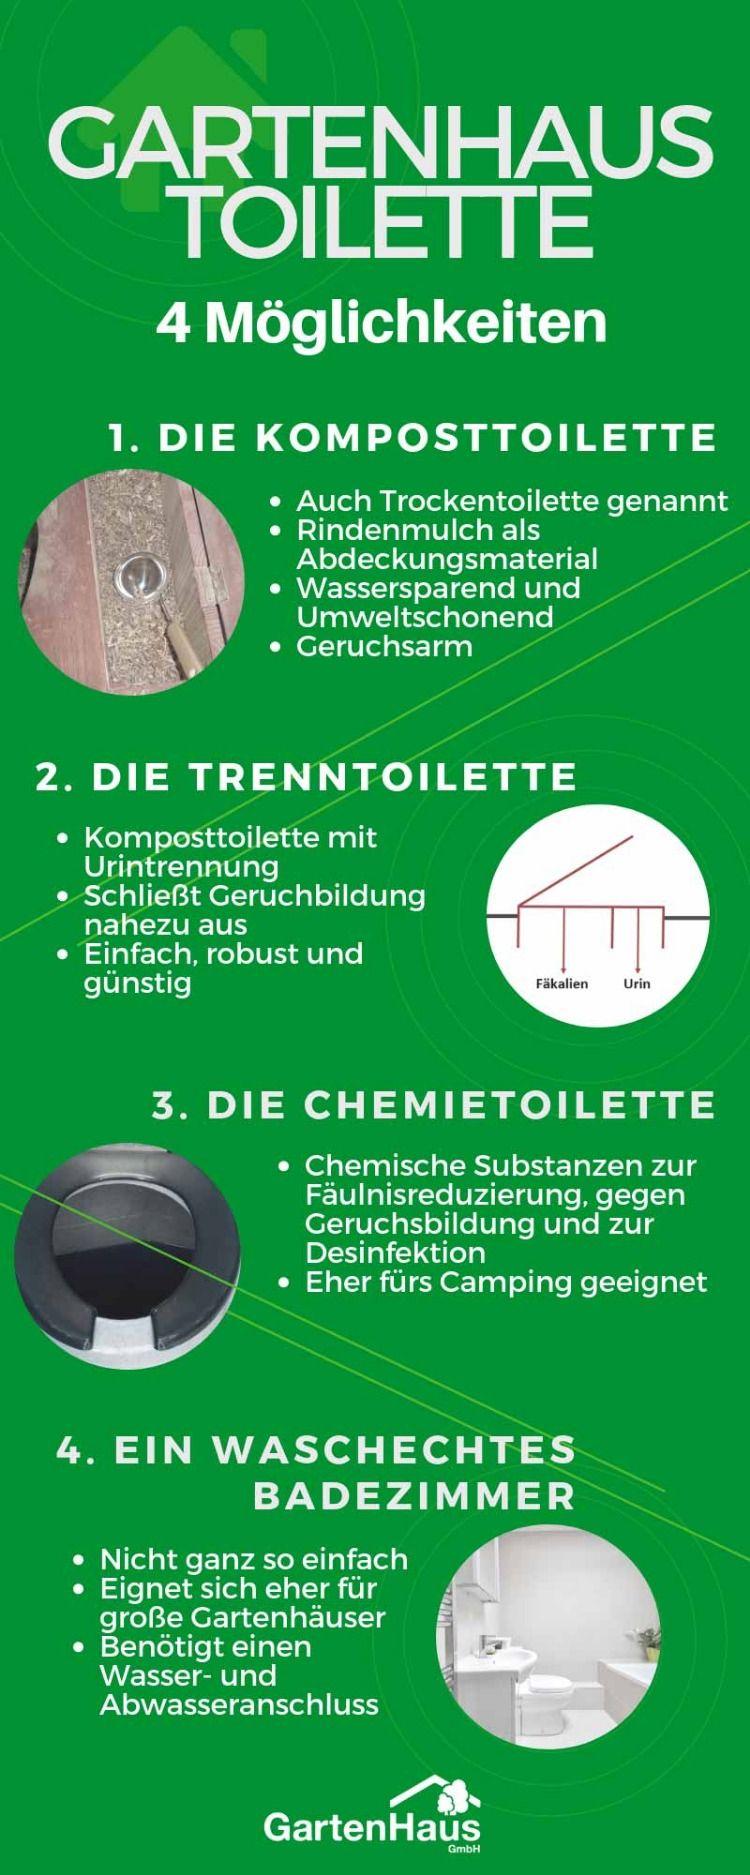 Toilette Im Gartenhaus Diese 4 Moglichkeiten Gibt Es Gartenhaus